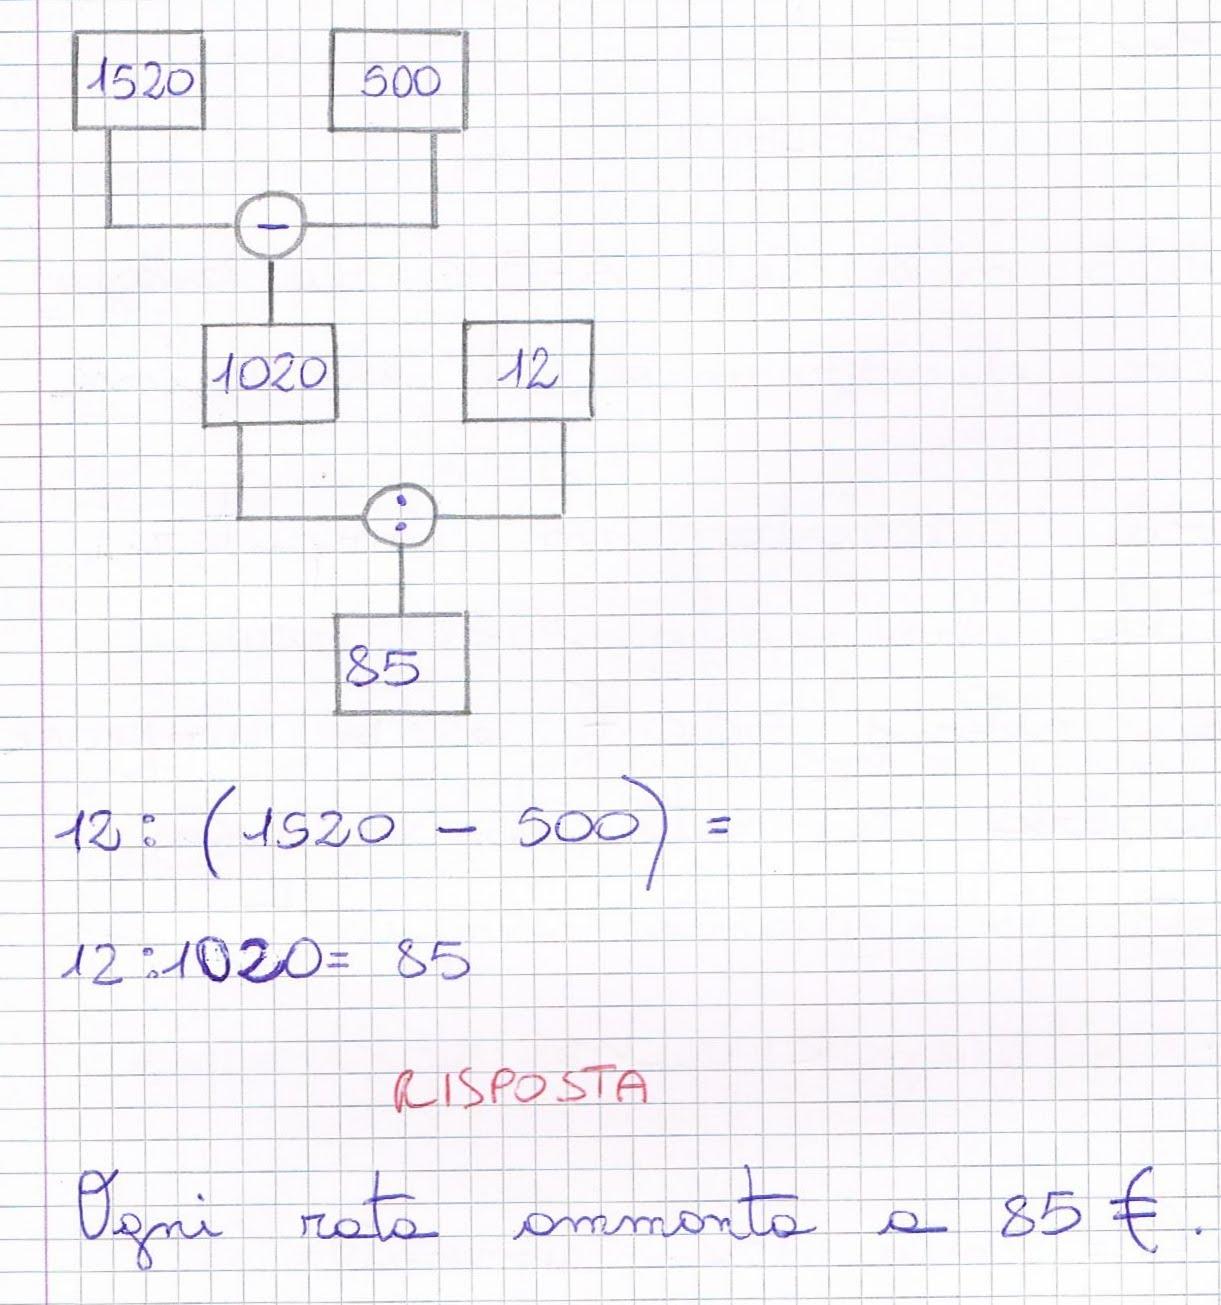 Problemi da eseguire con diagramma ed espressioni